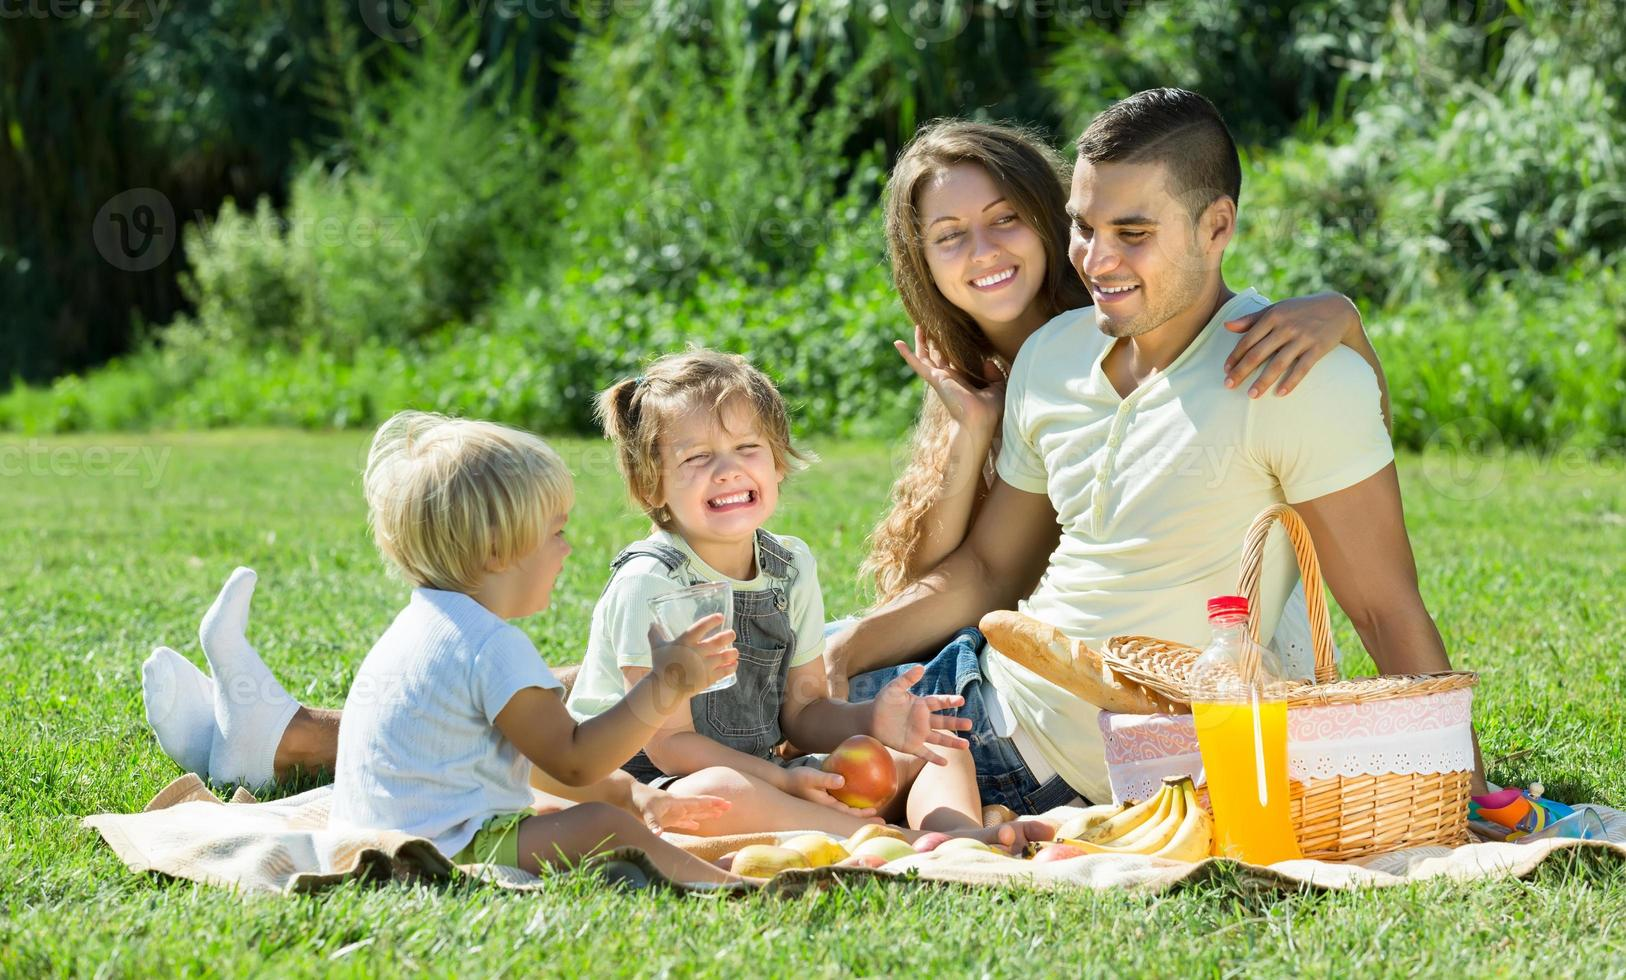 familia de cuatro teniendo picnic foto